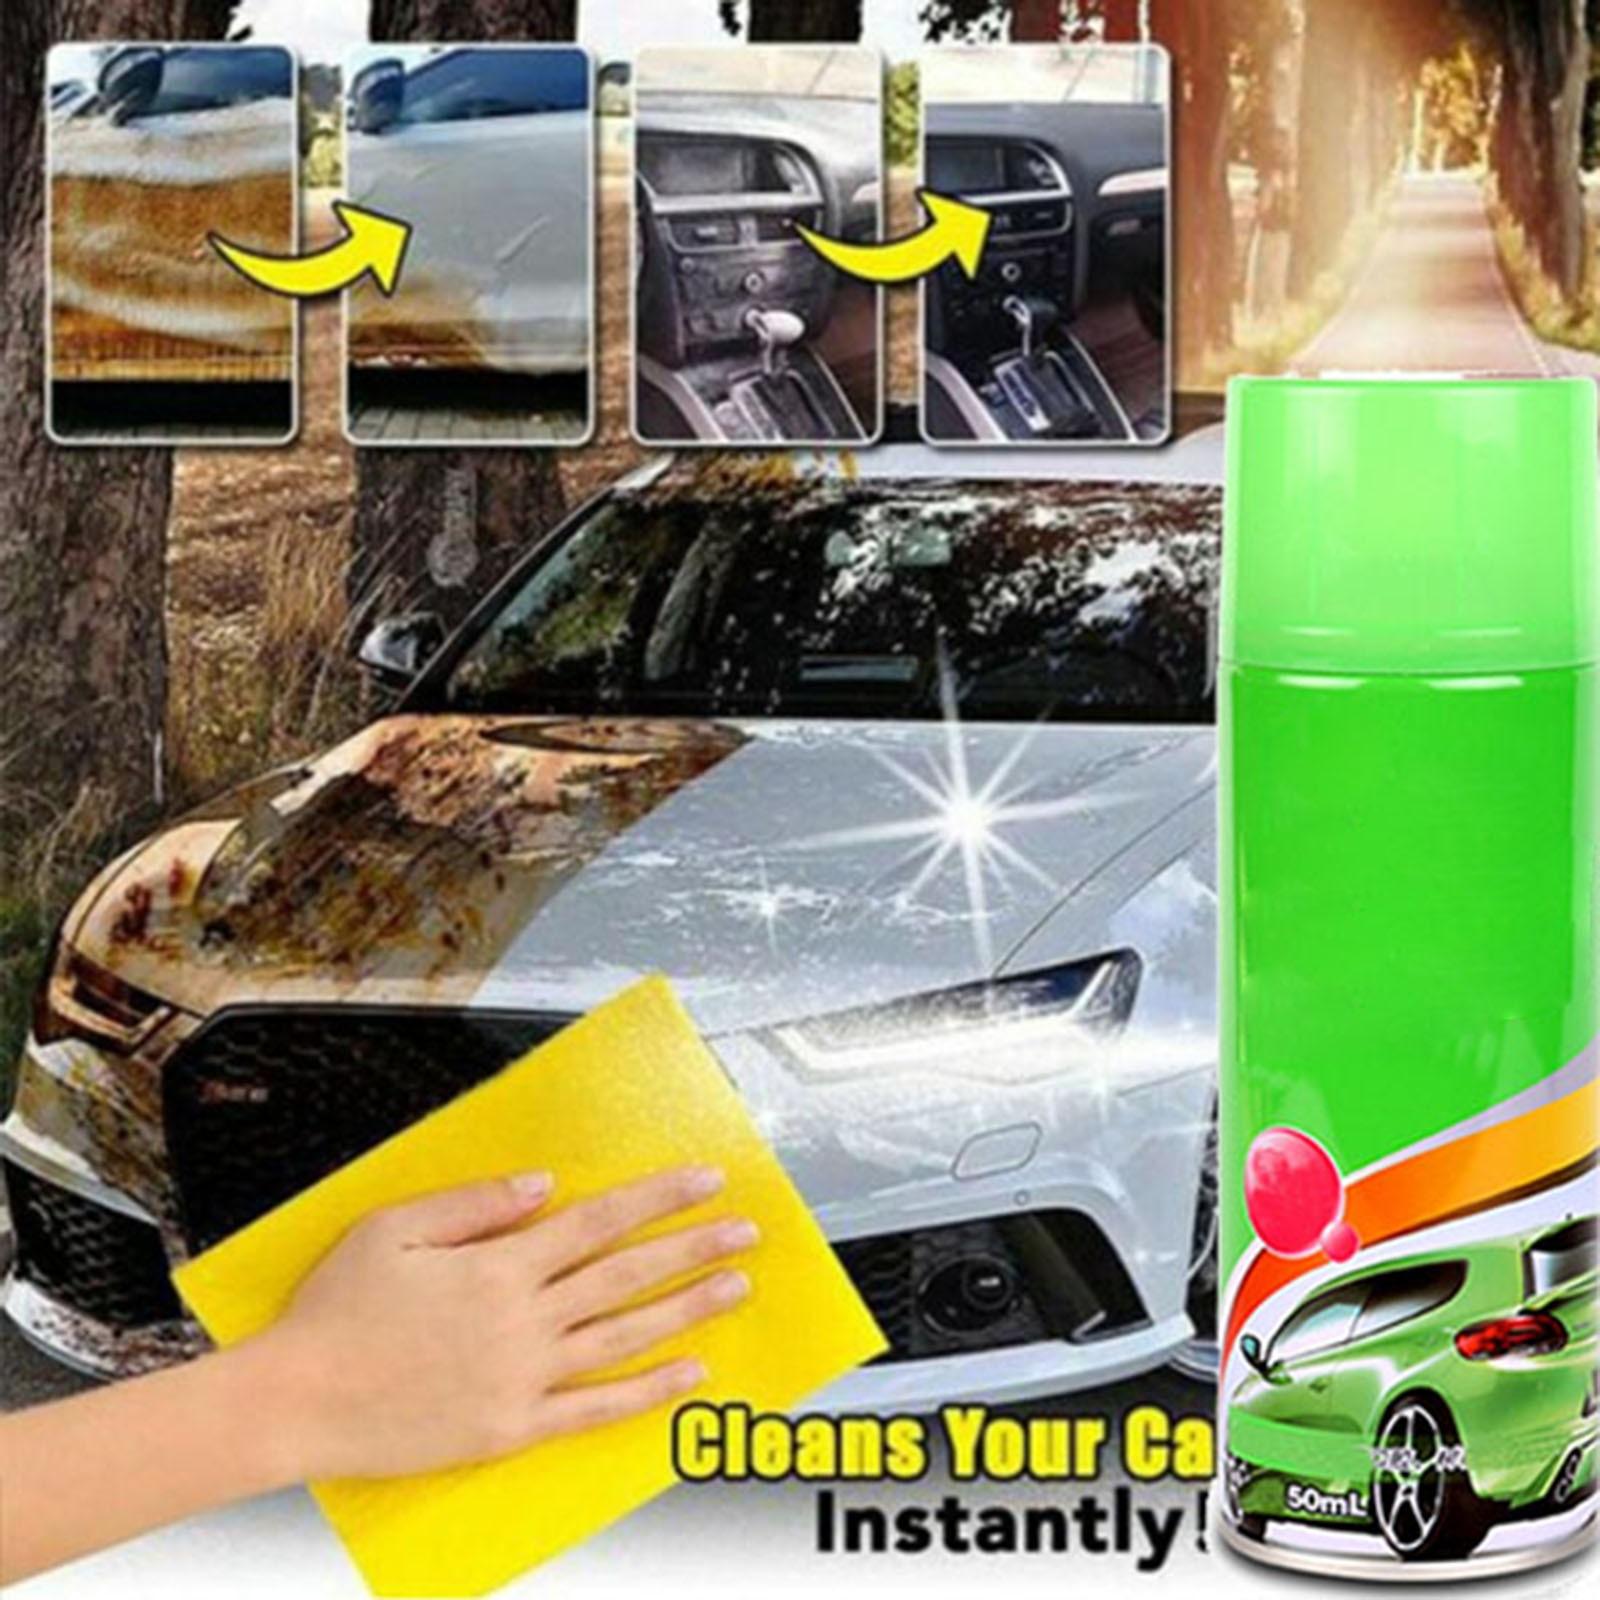 Многофункциональный спрей для удаления ржавчины, жидкости для ремонта царапин, клейкий чистящий спрей, Стайлинг автомобиля